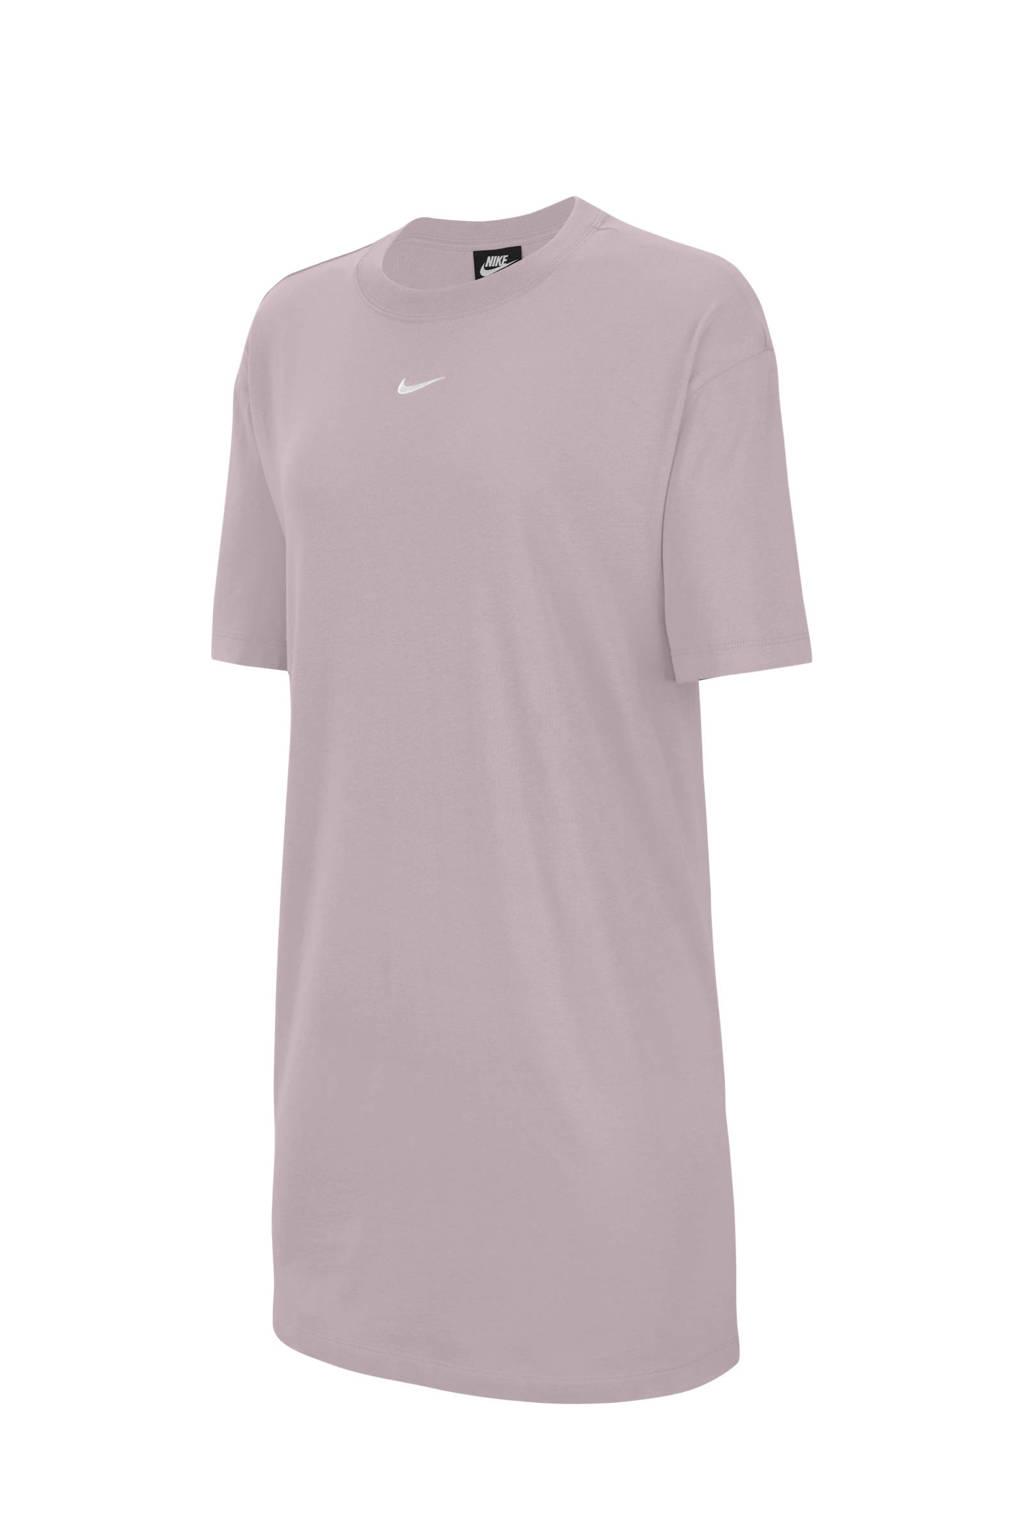 Nike jurk lichtroze, Roze